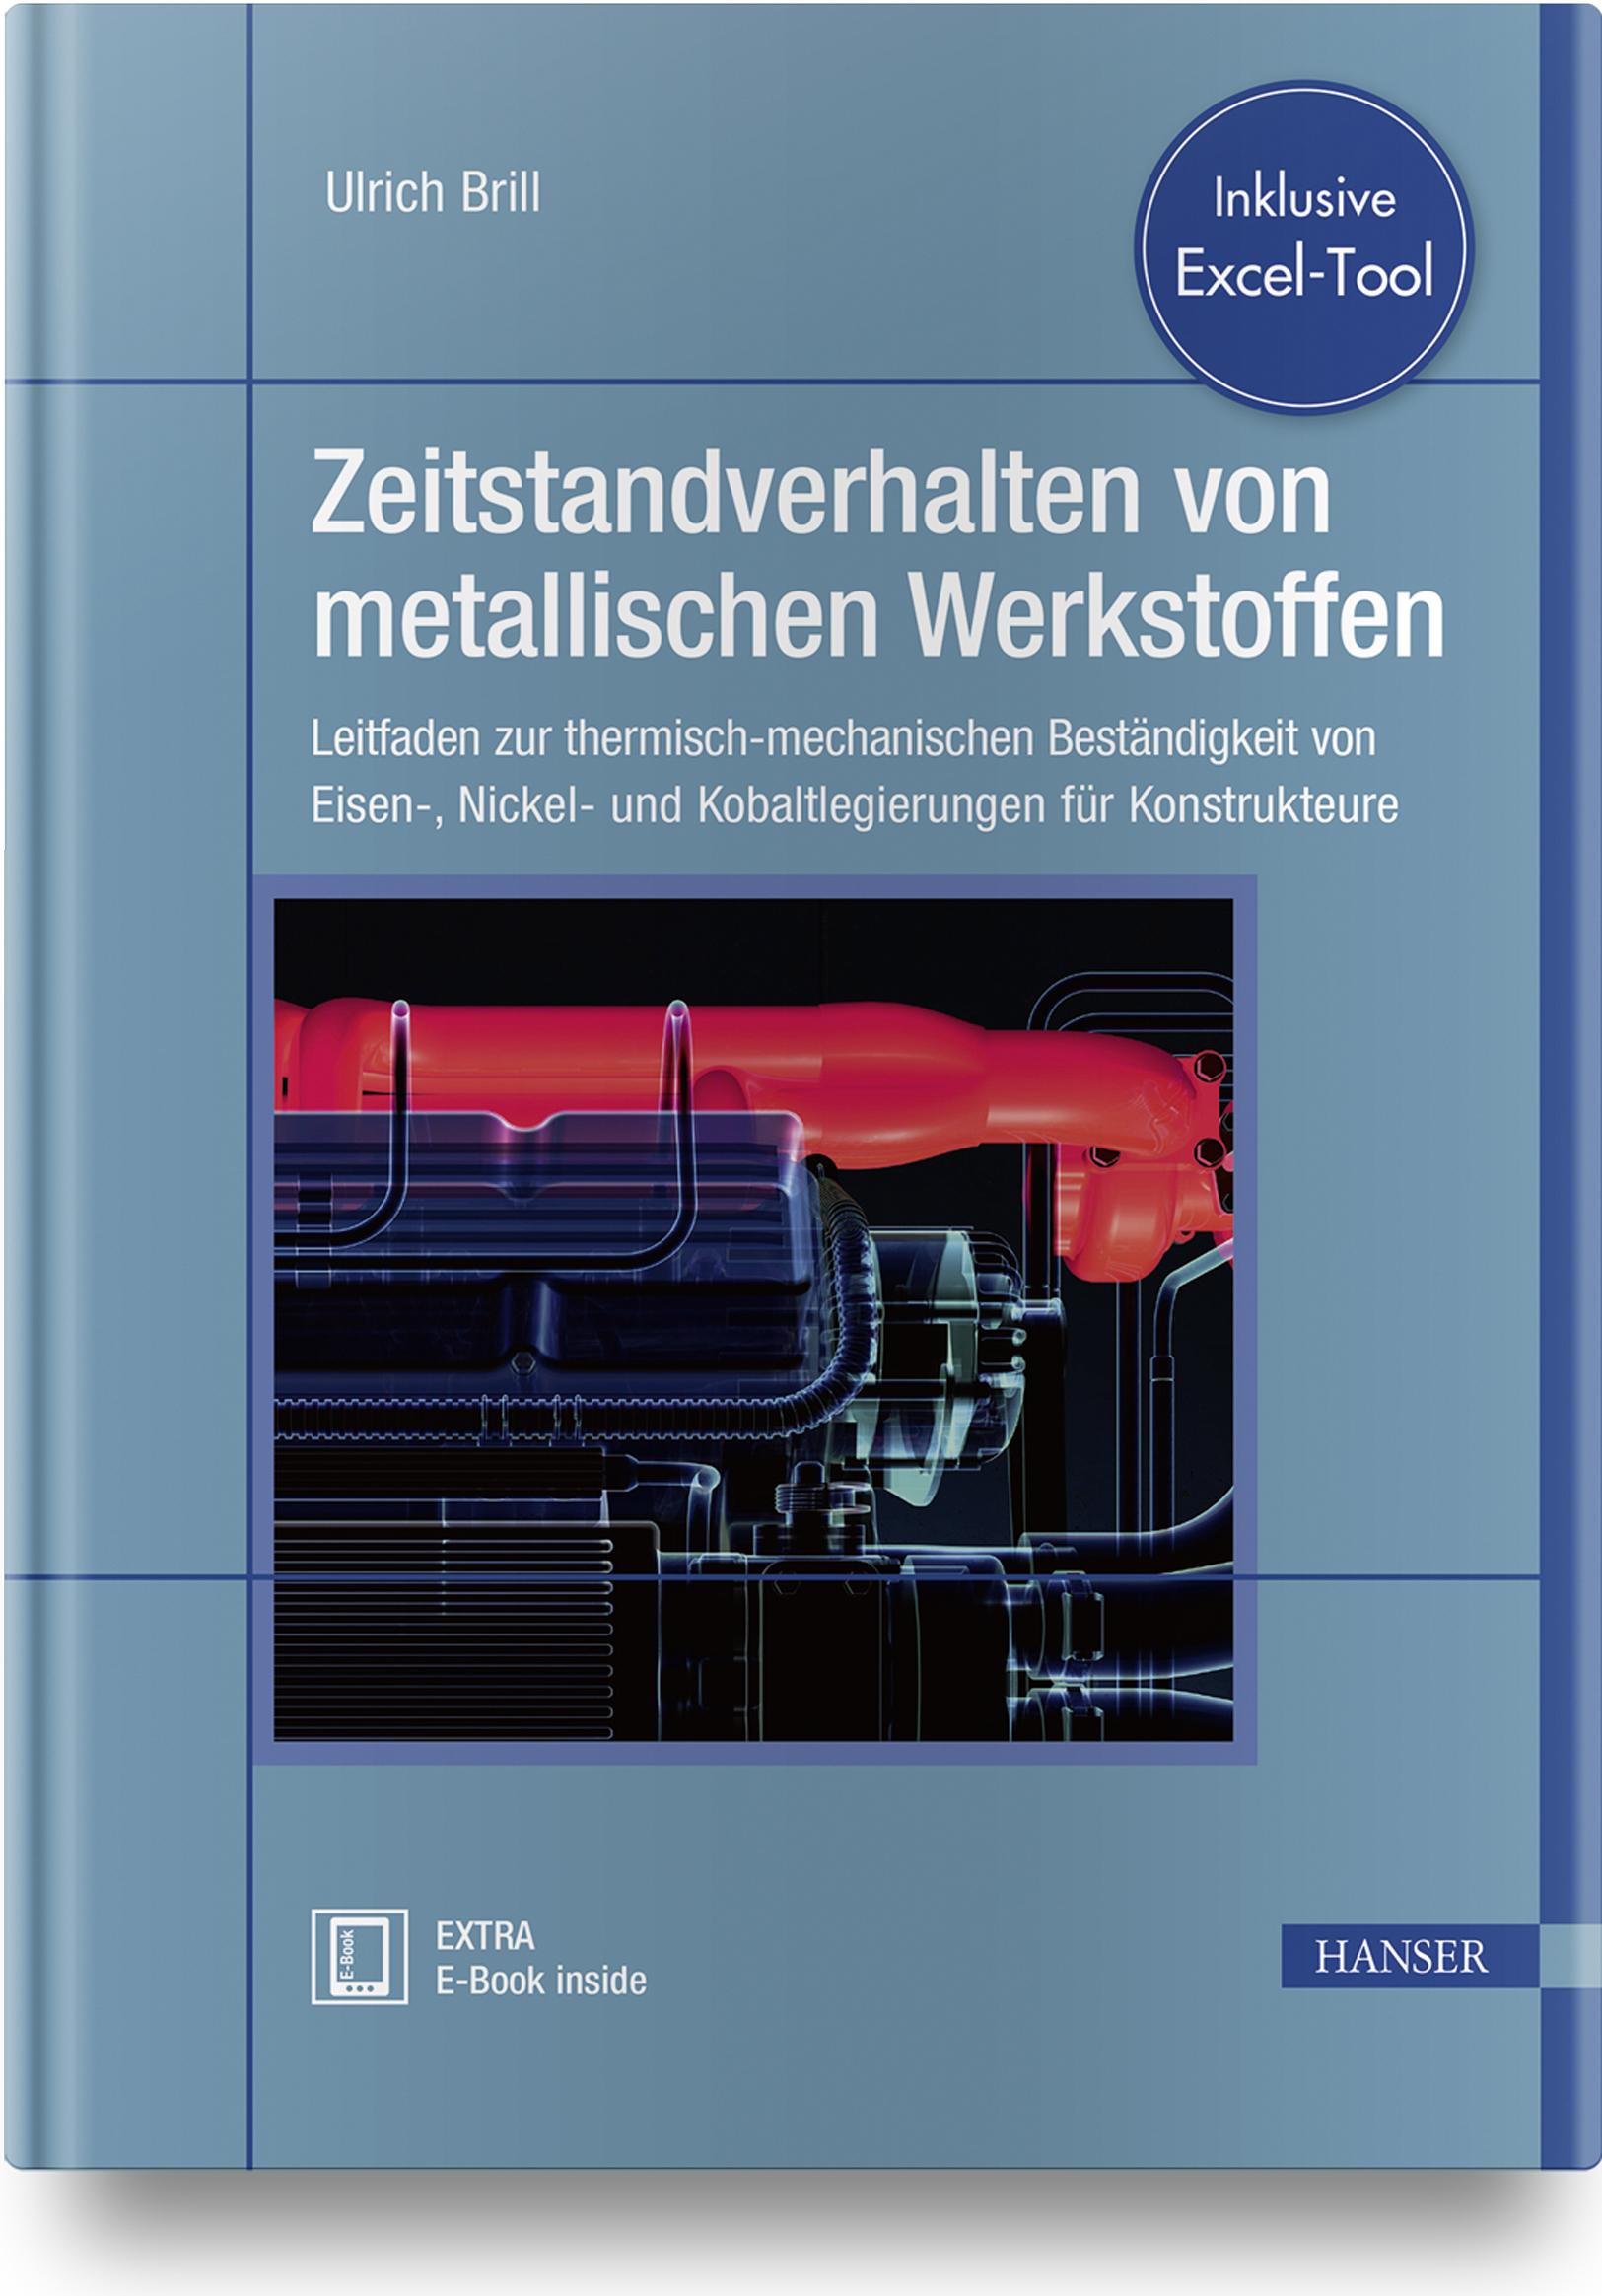 Brill, Zeitstandverhalten von metallischen Werkstoffen, 978-3-446-45531-3